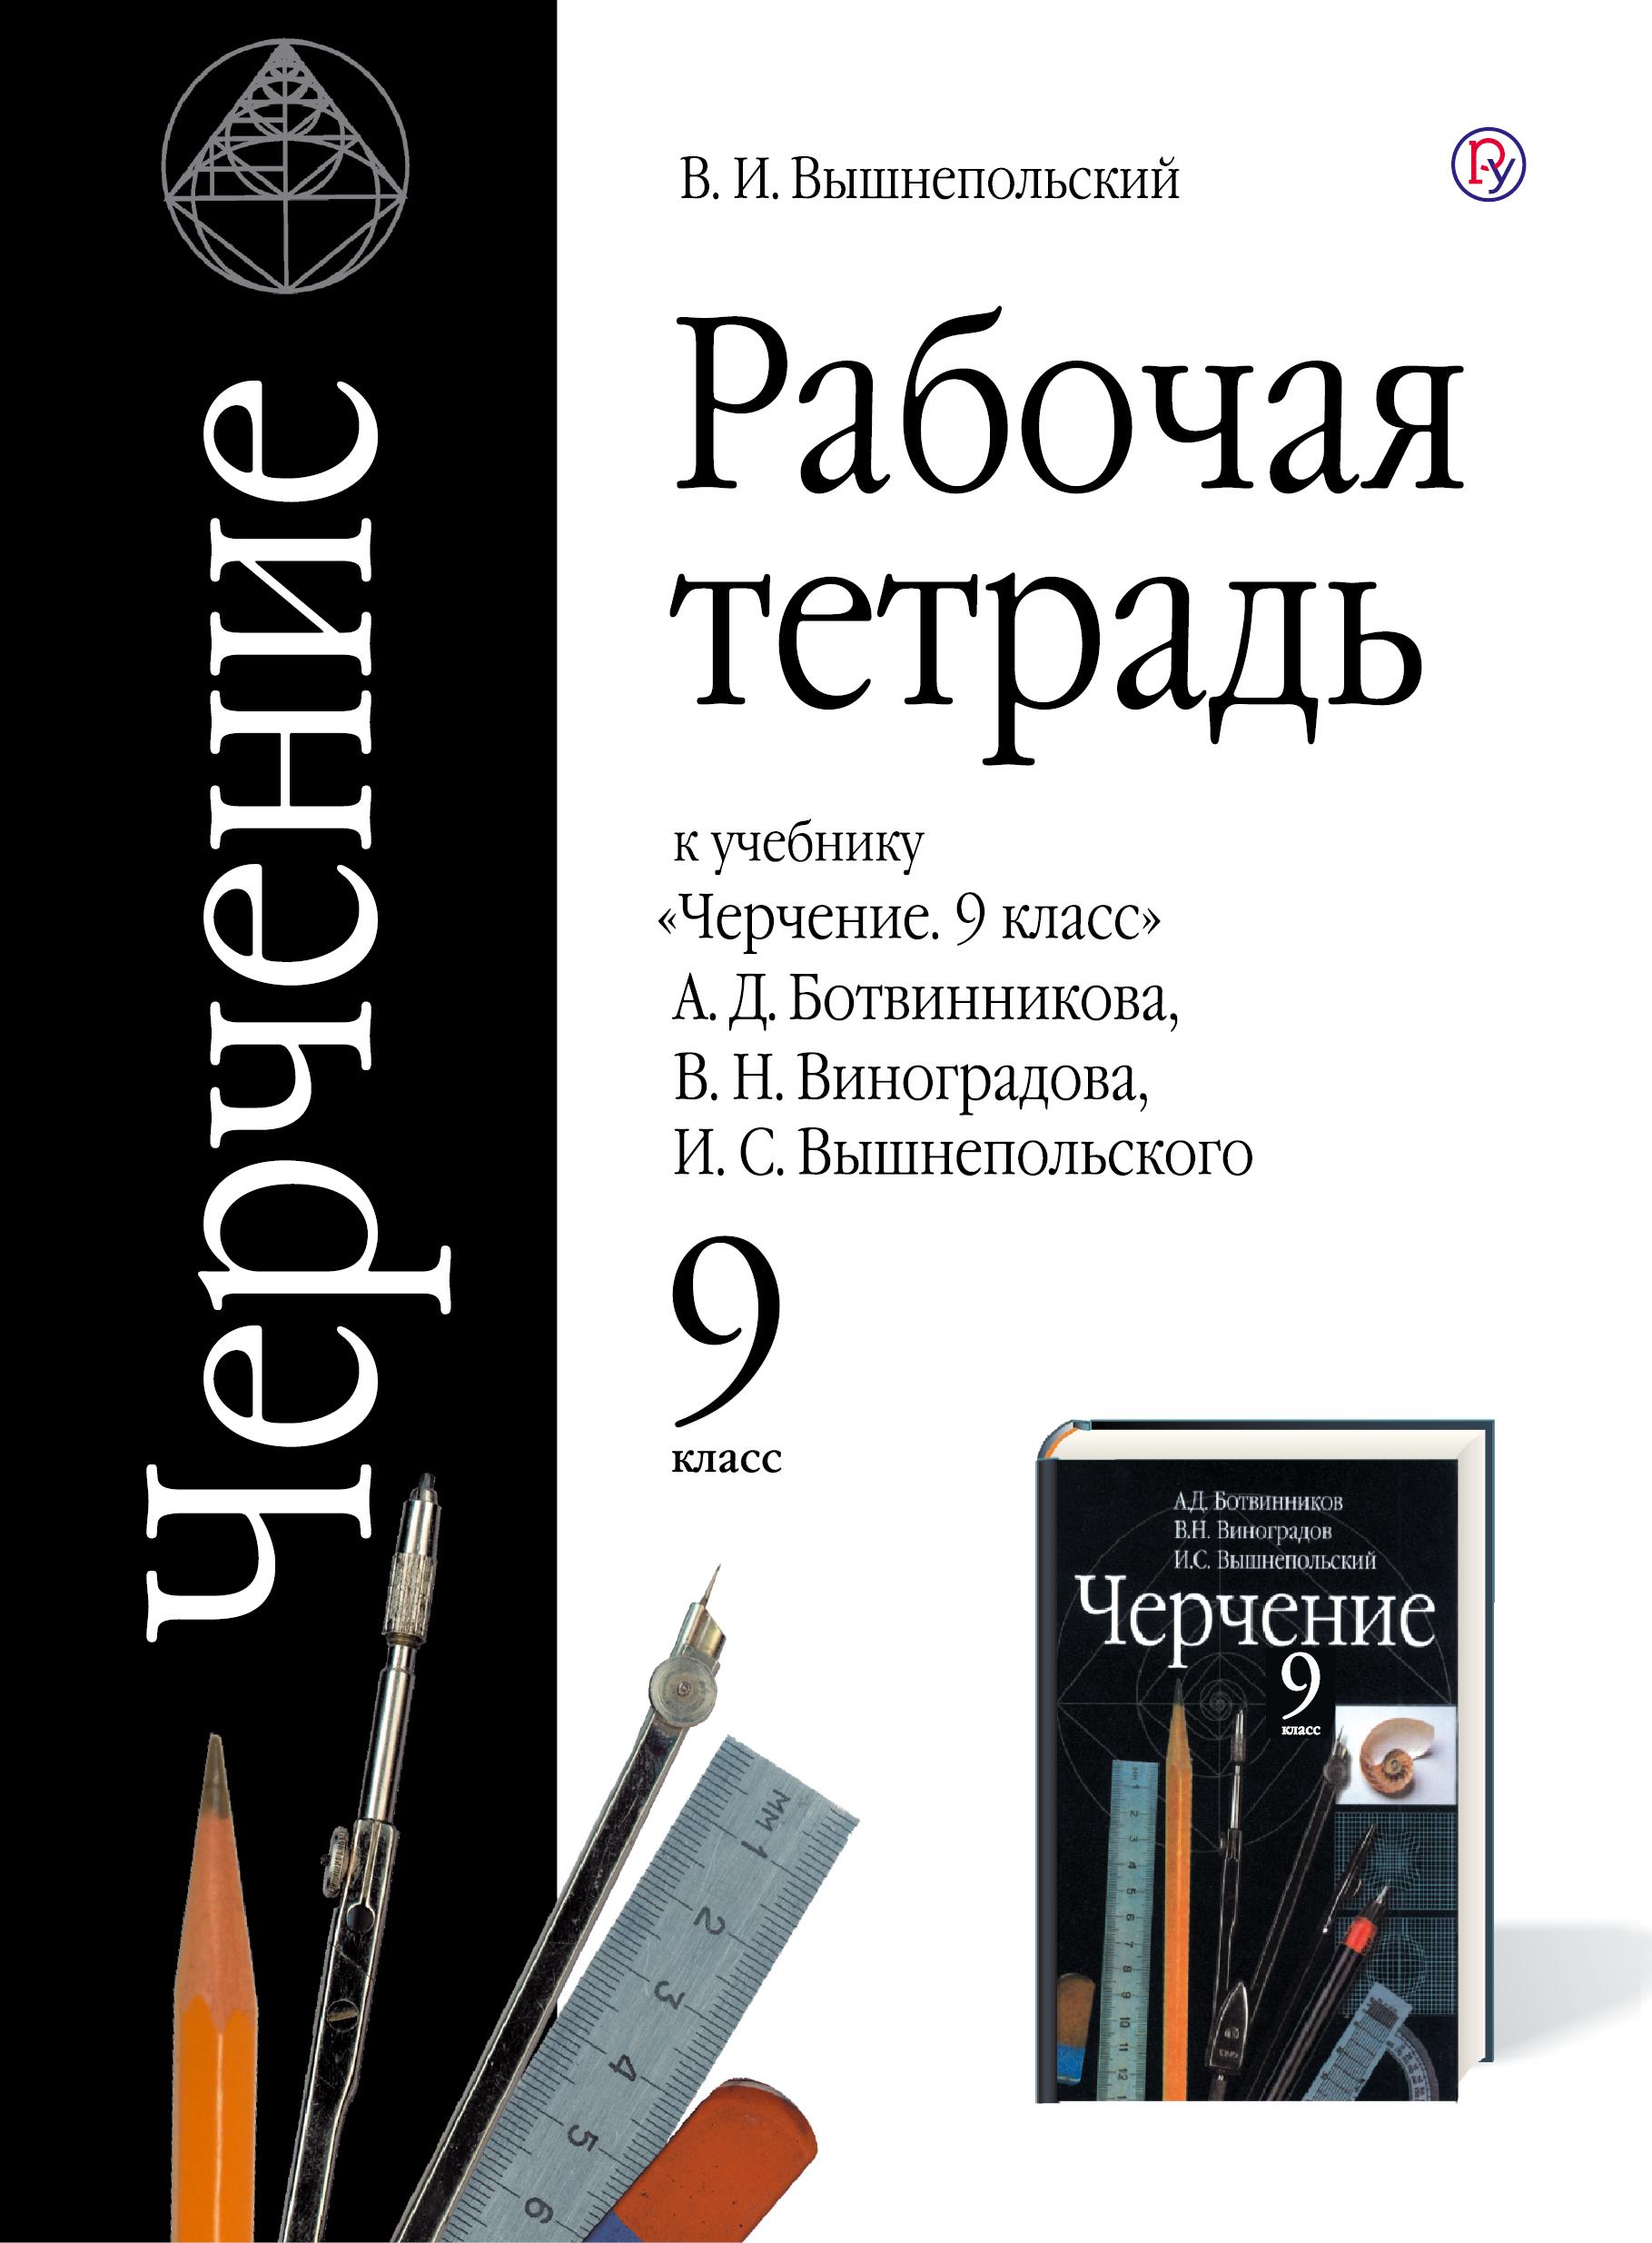 ВИ Вышнепольский Черчение 9 класс Рабочая тетрадь